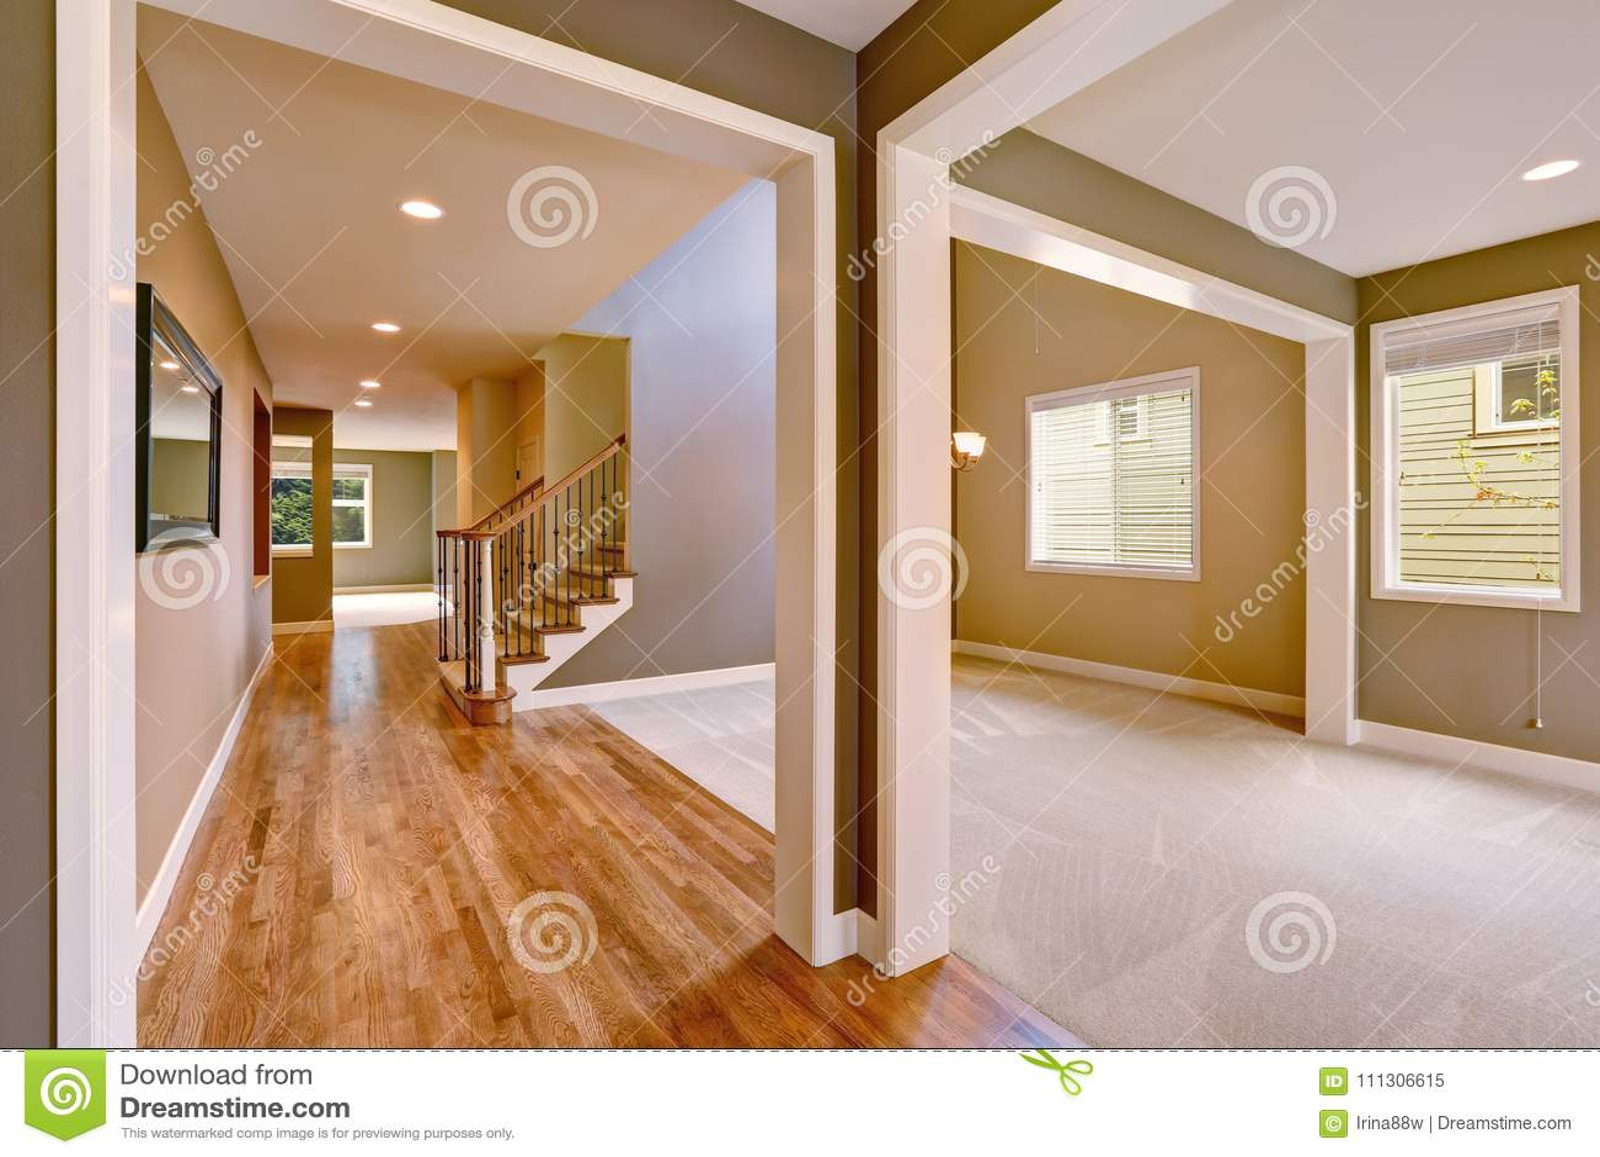 Intérieur Léger De Taupe Avec Stupéfier Floorplan Image ...